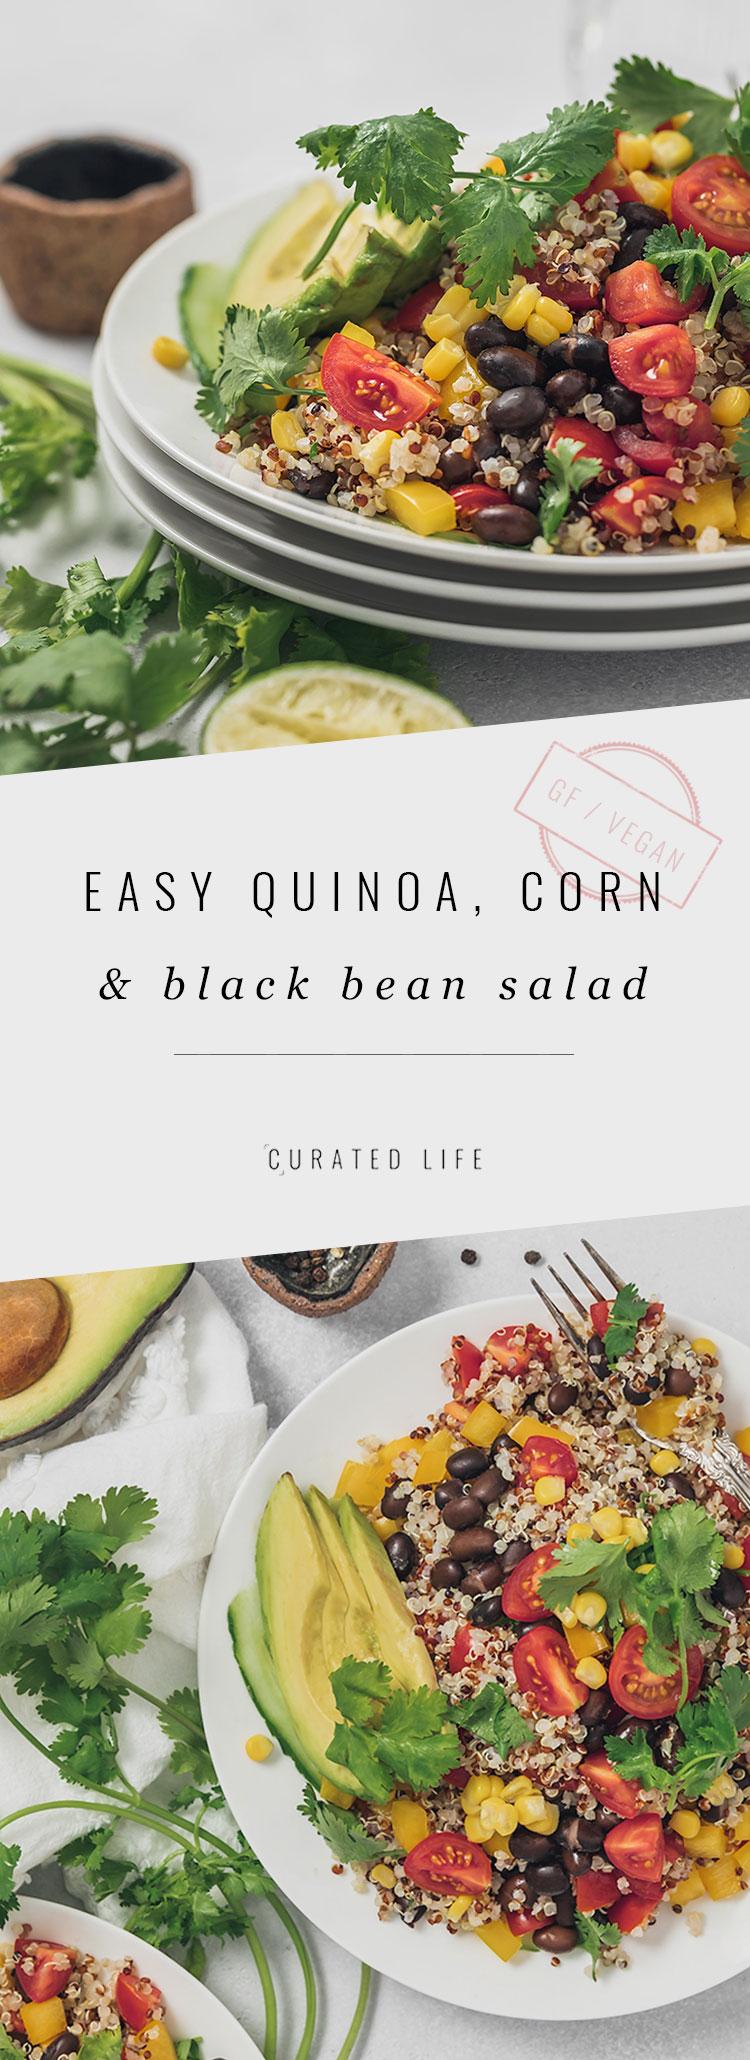 Pinterest Header - Quinoa, Corn & Black Bean Salad with Avocado  #quinoa #recipes #avocado #mexican #southwestern #healthy #easy